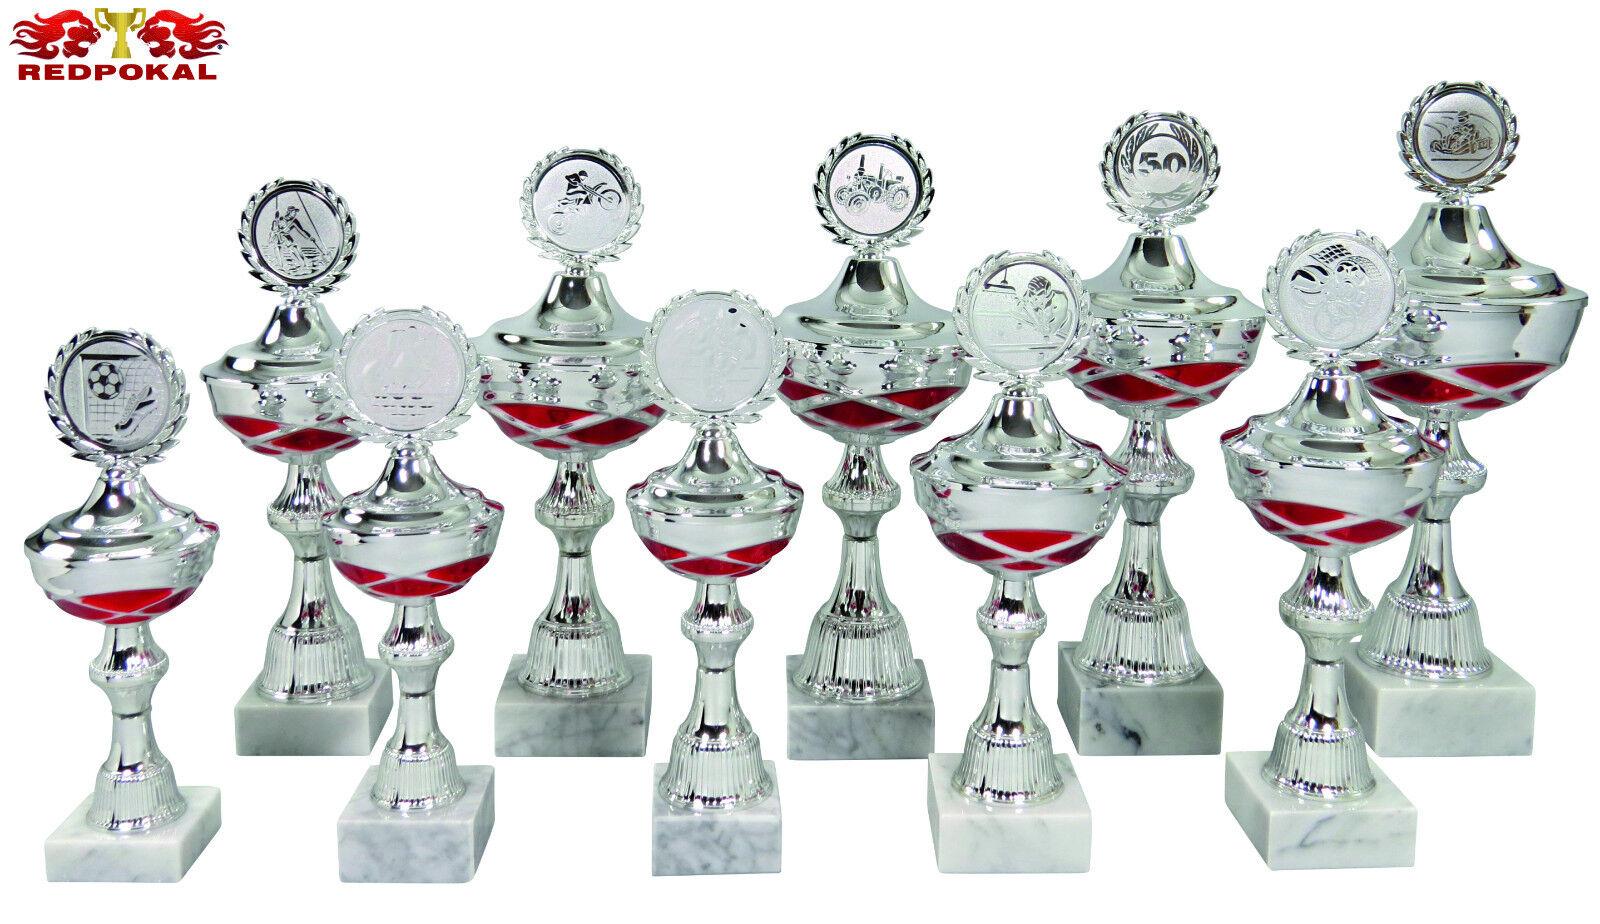 10er Serie Pokale 24,5-36,5cm in Silber Rot inkl. Gravur u.Emblem - L118 1-10